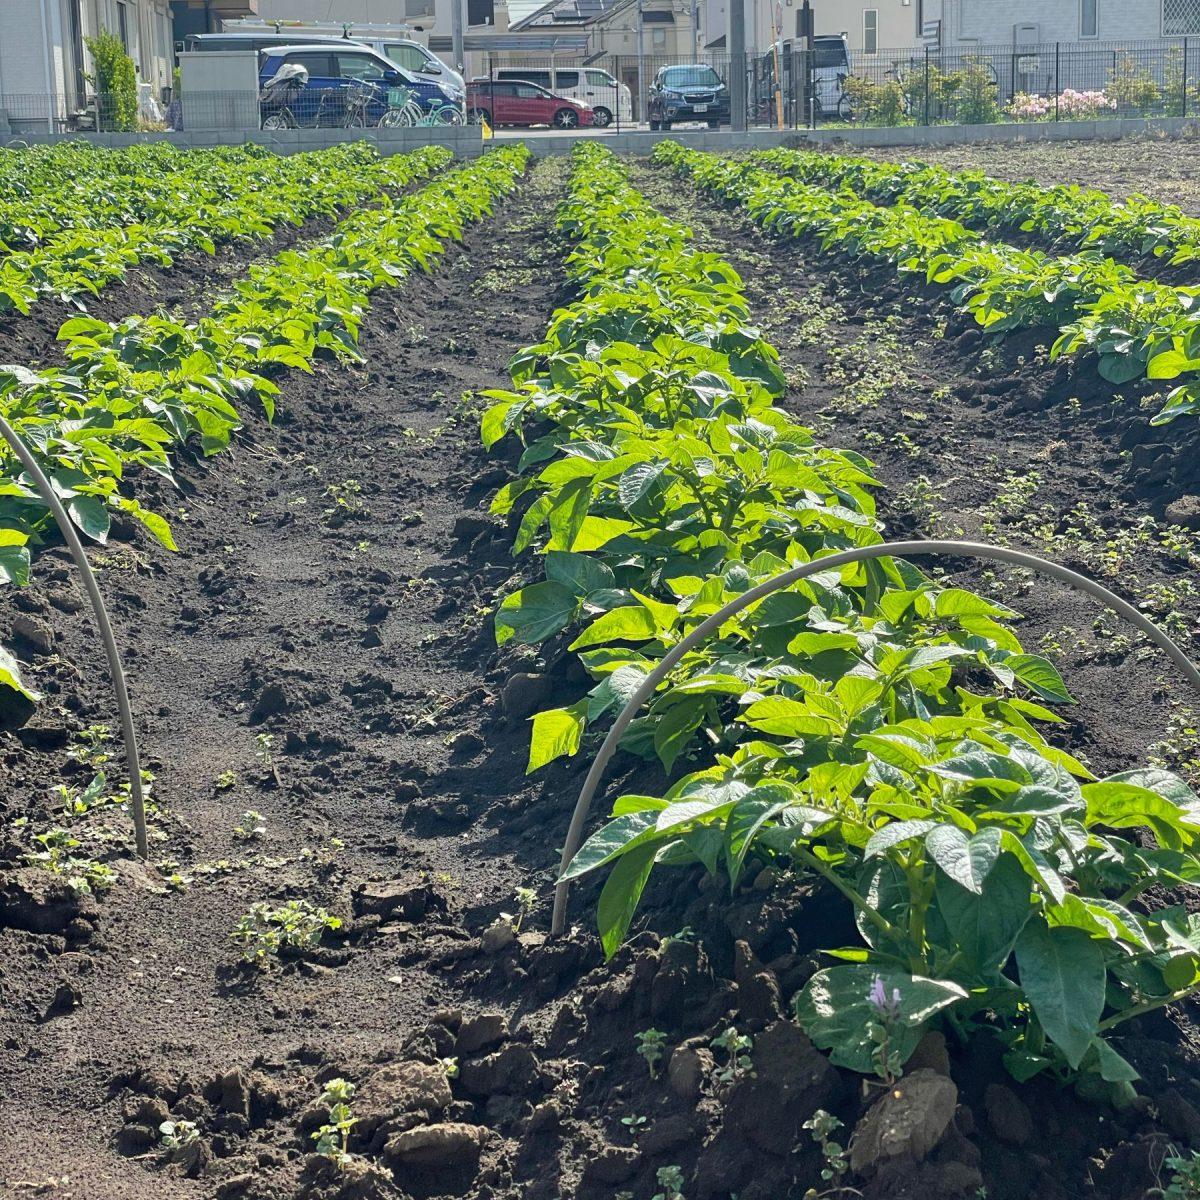 こないだ植えられてた近所の畑のお野菜(ジャガイモだと勝手に予想している)、もうこんなに大きくなってた!あったかいもんね~